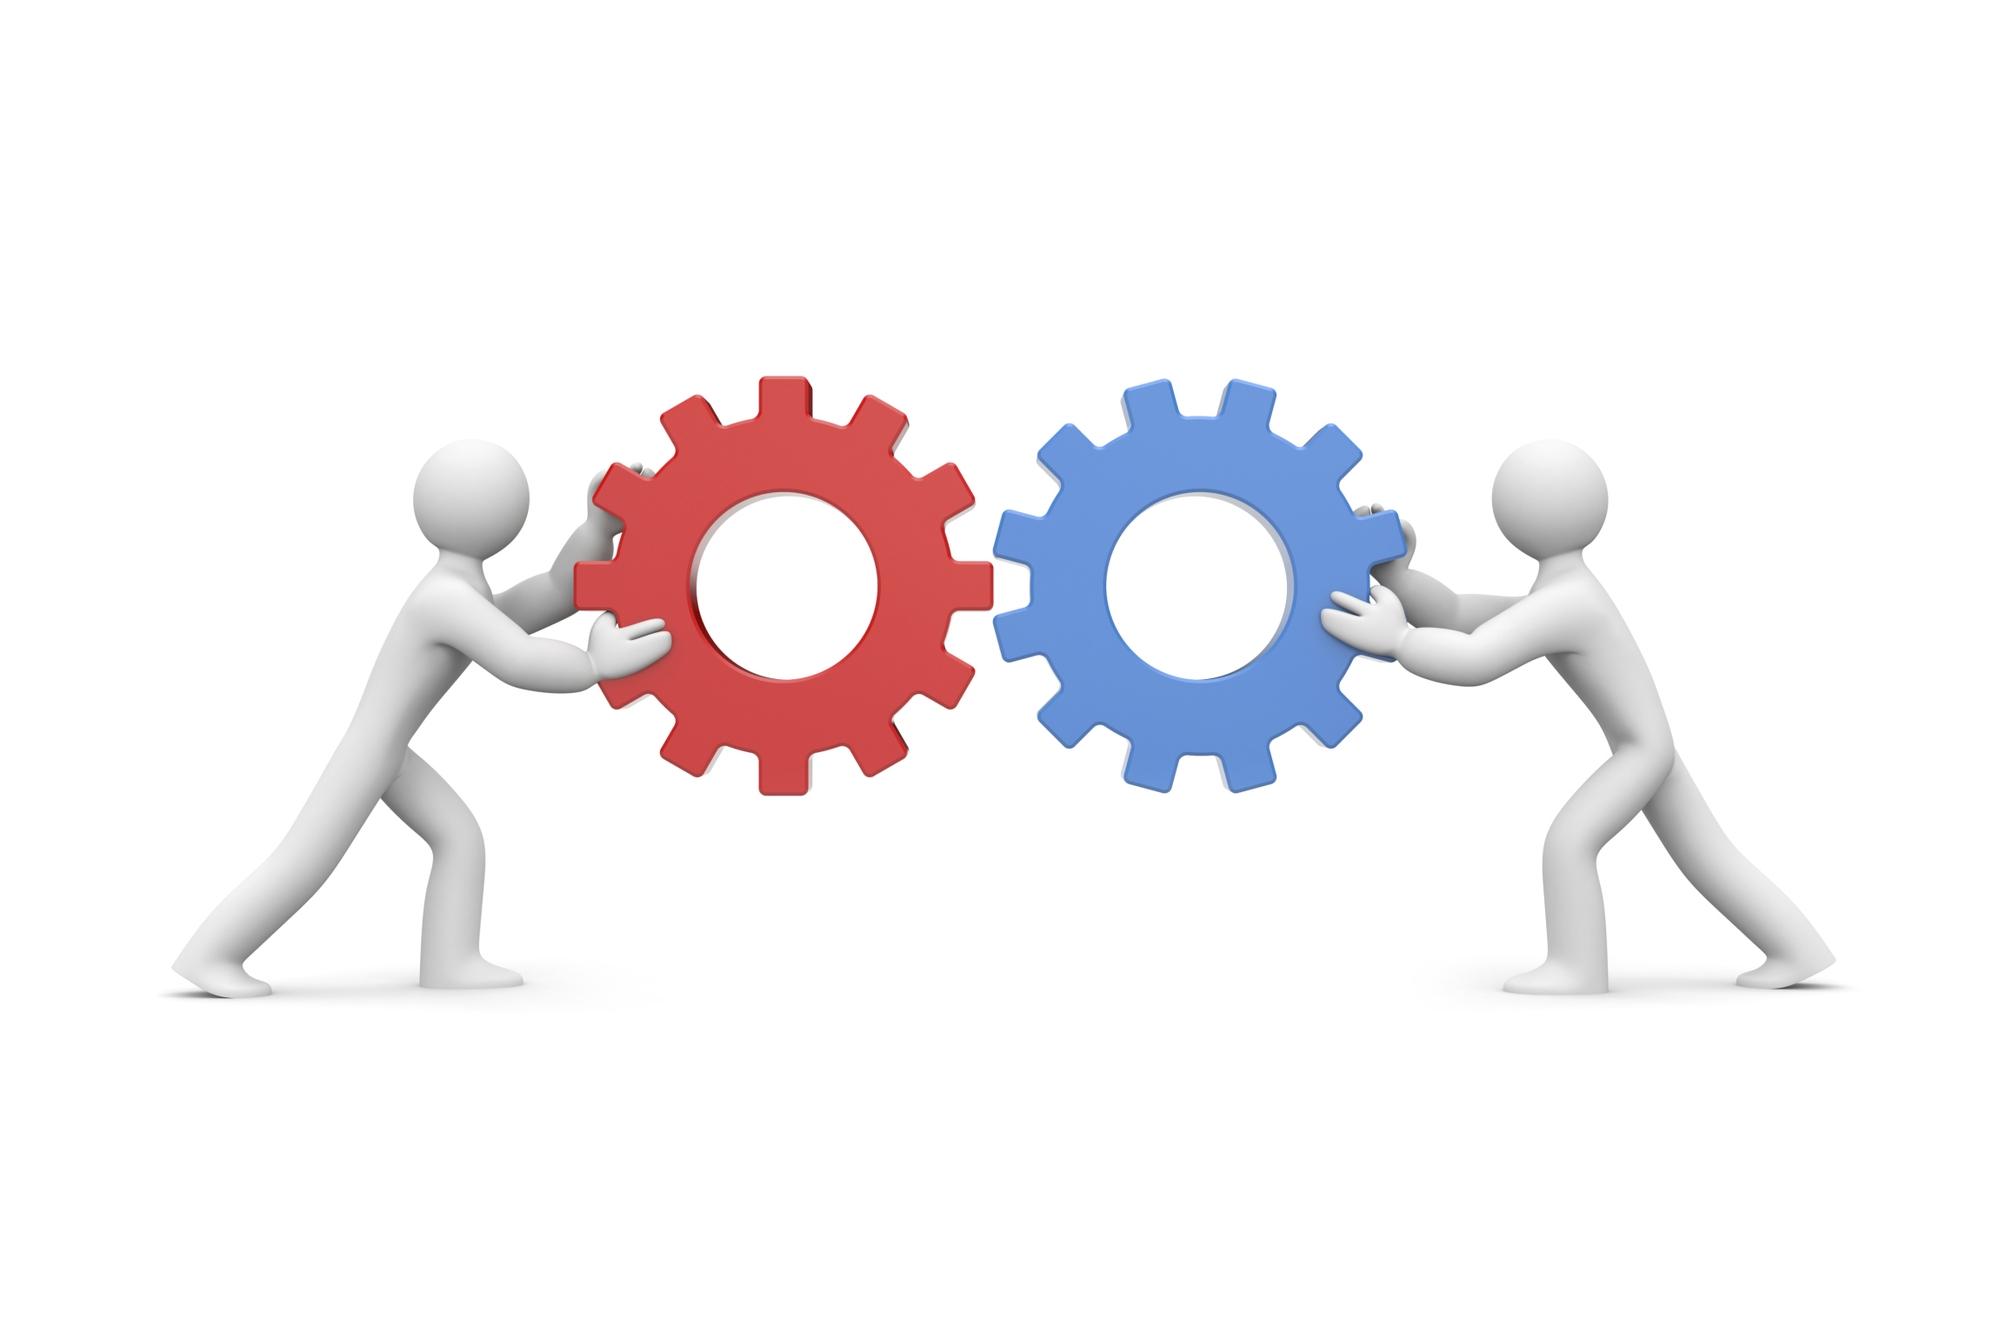 Fusioni - Collaborazioni (2) Imc